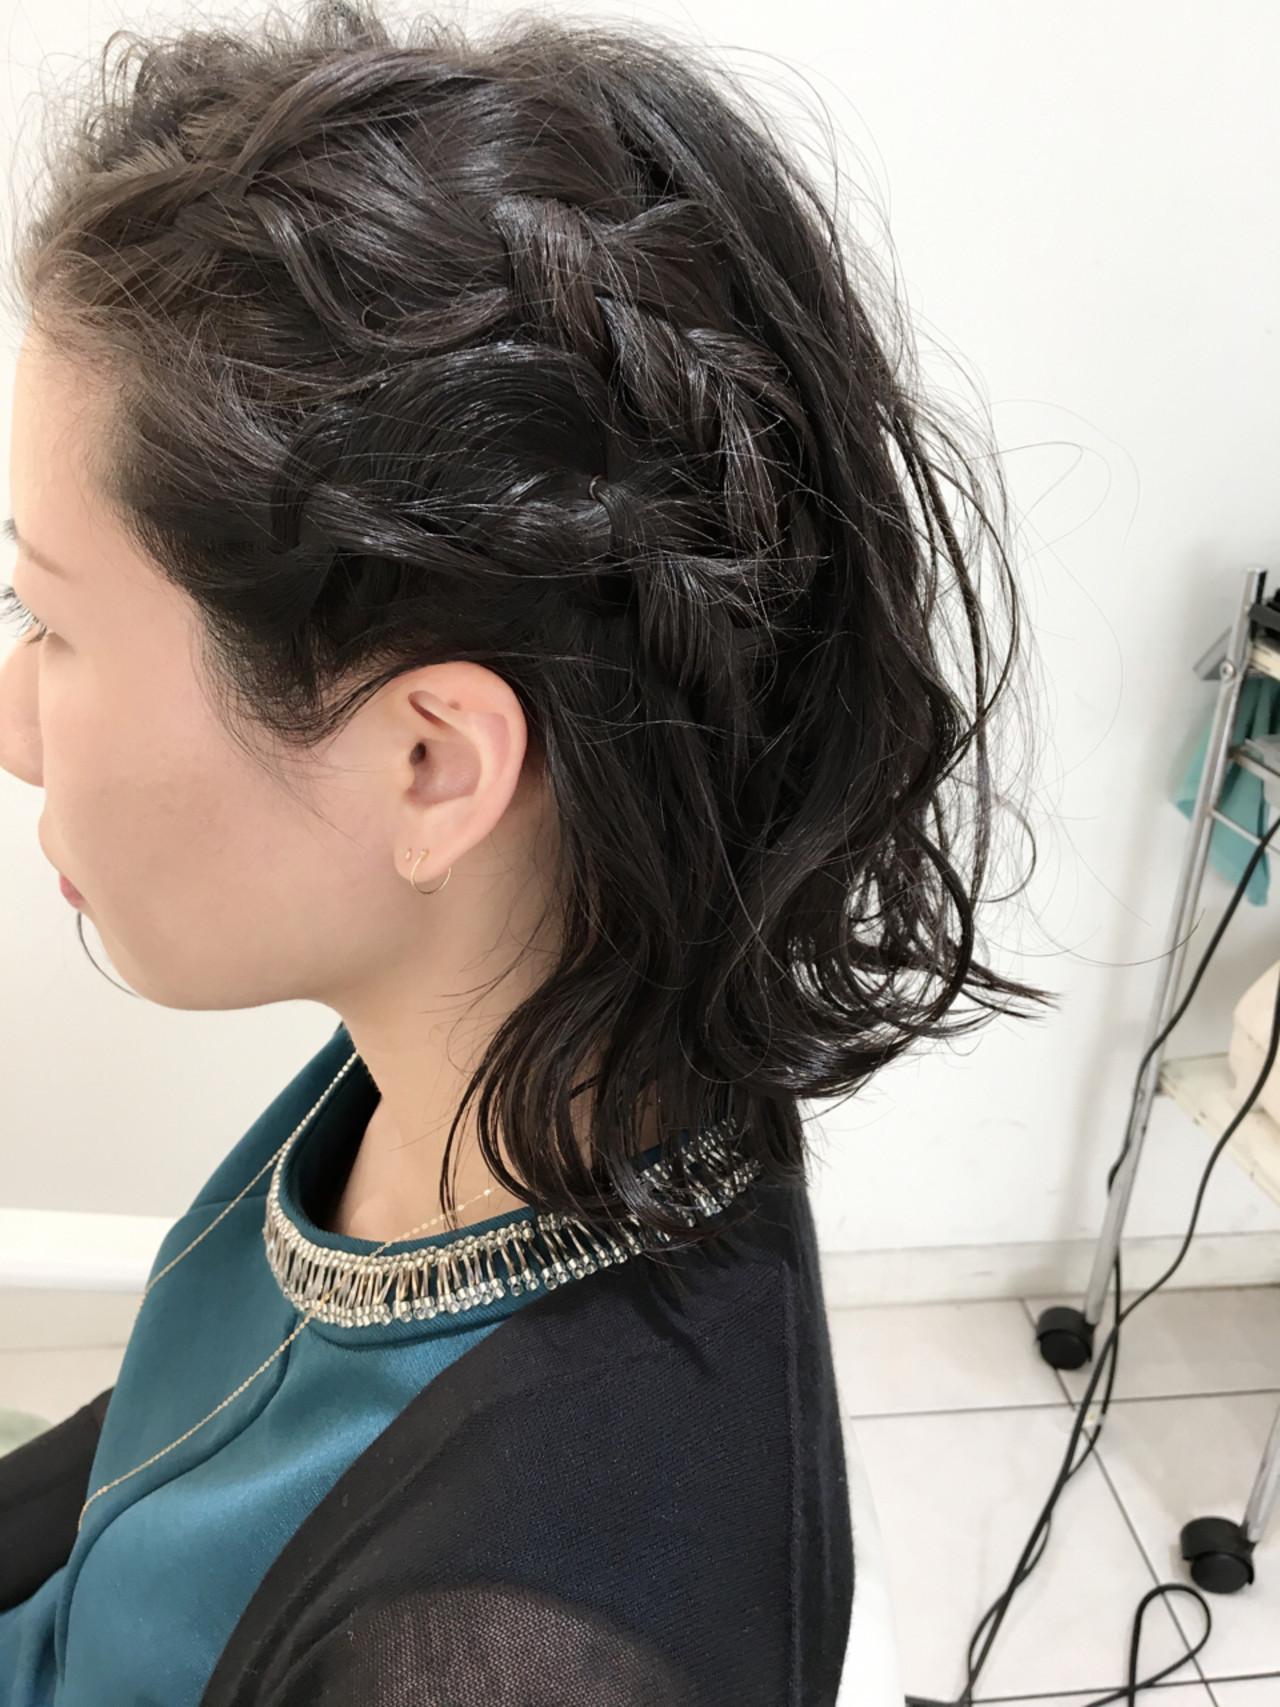 ハーフアップ 簡単ヘアアレンジ ヘアアレンジ 三つ編み ヘアスタイルや髪型の写真・画像